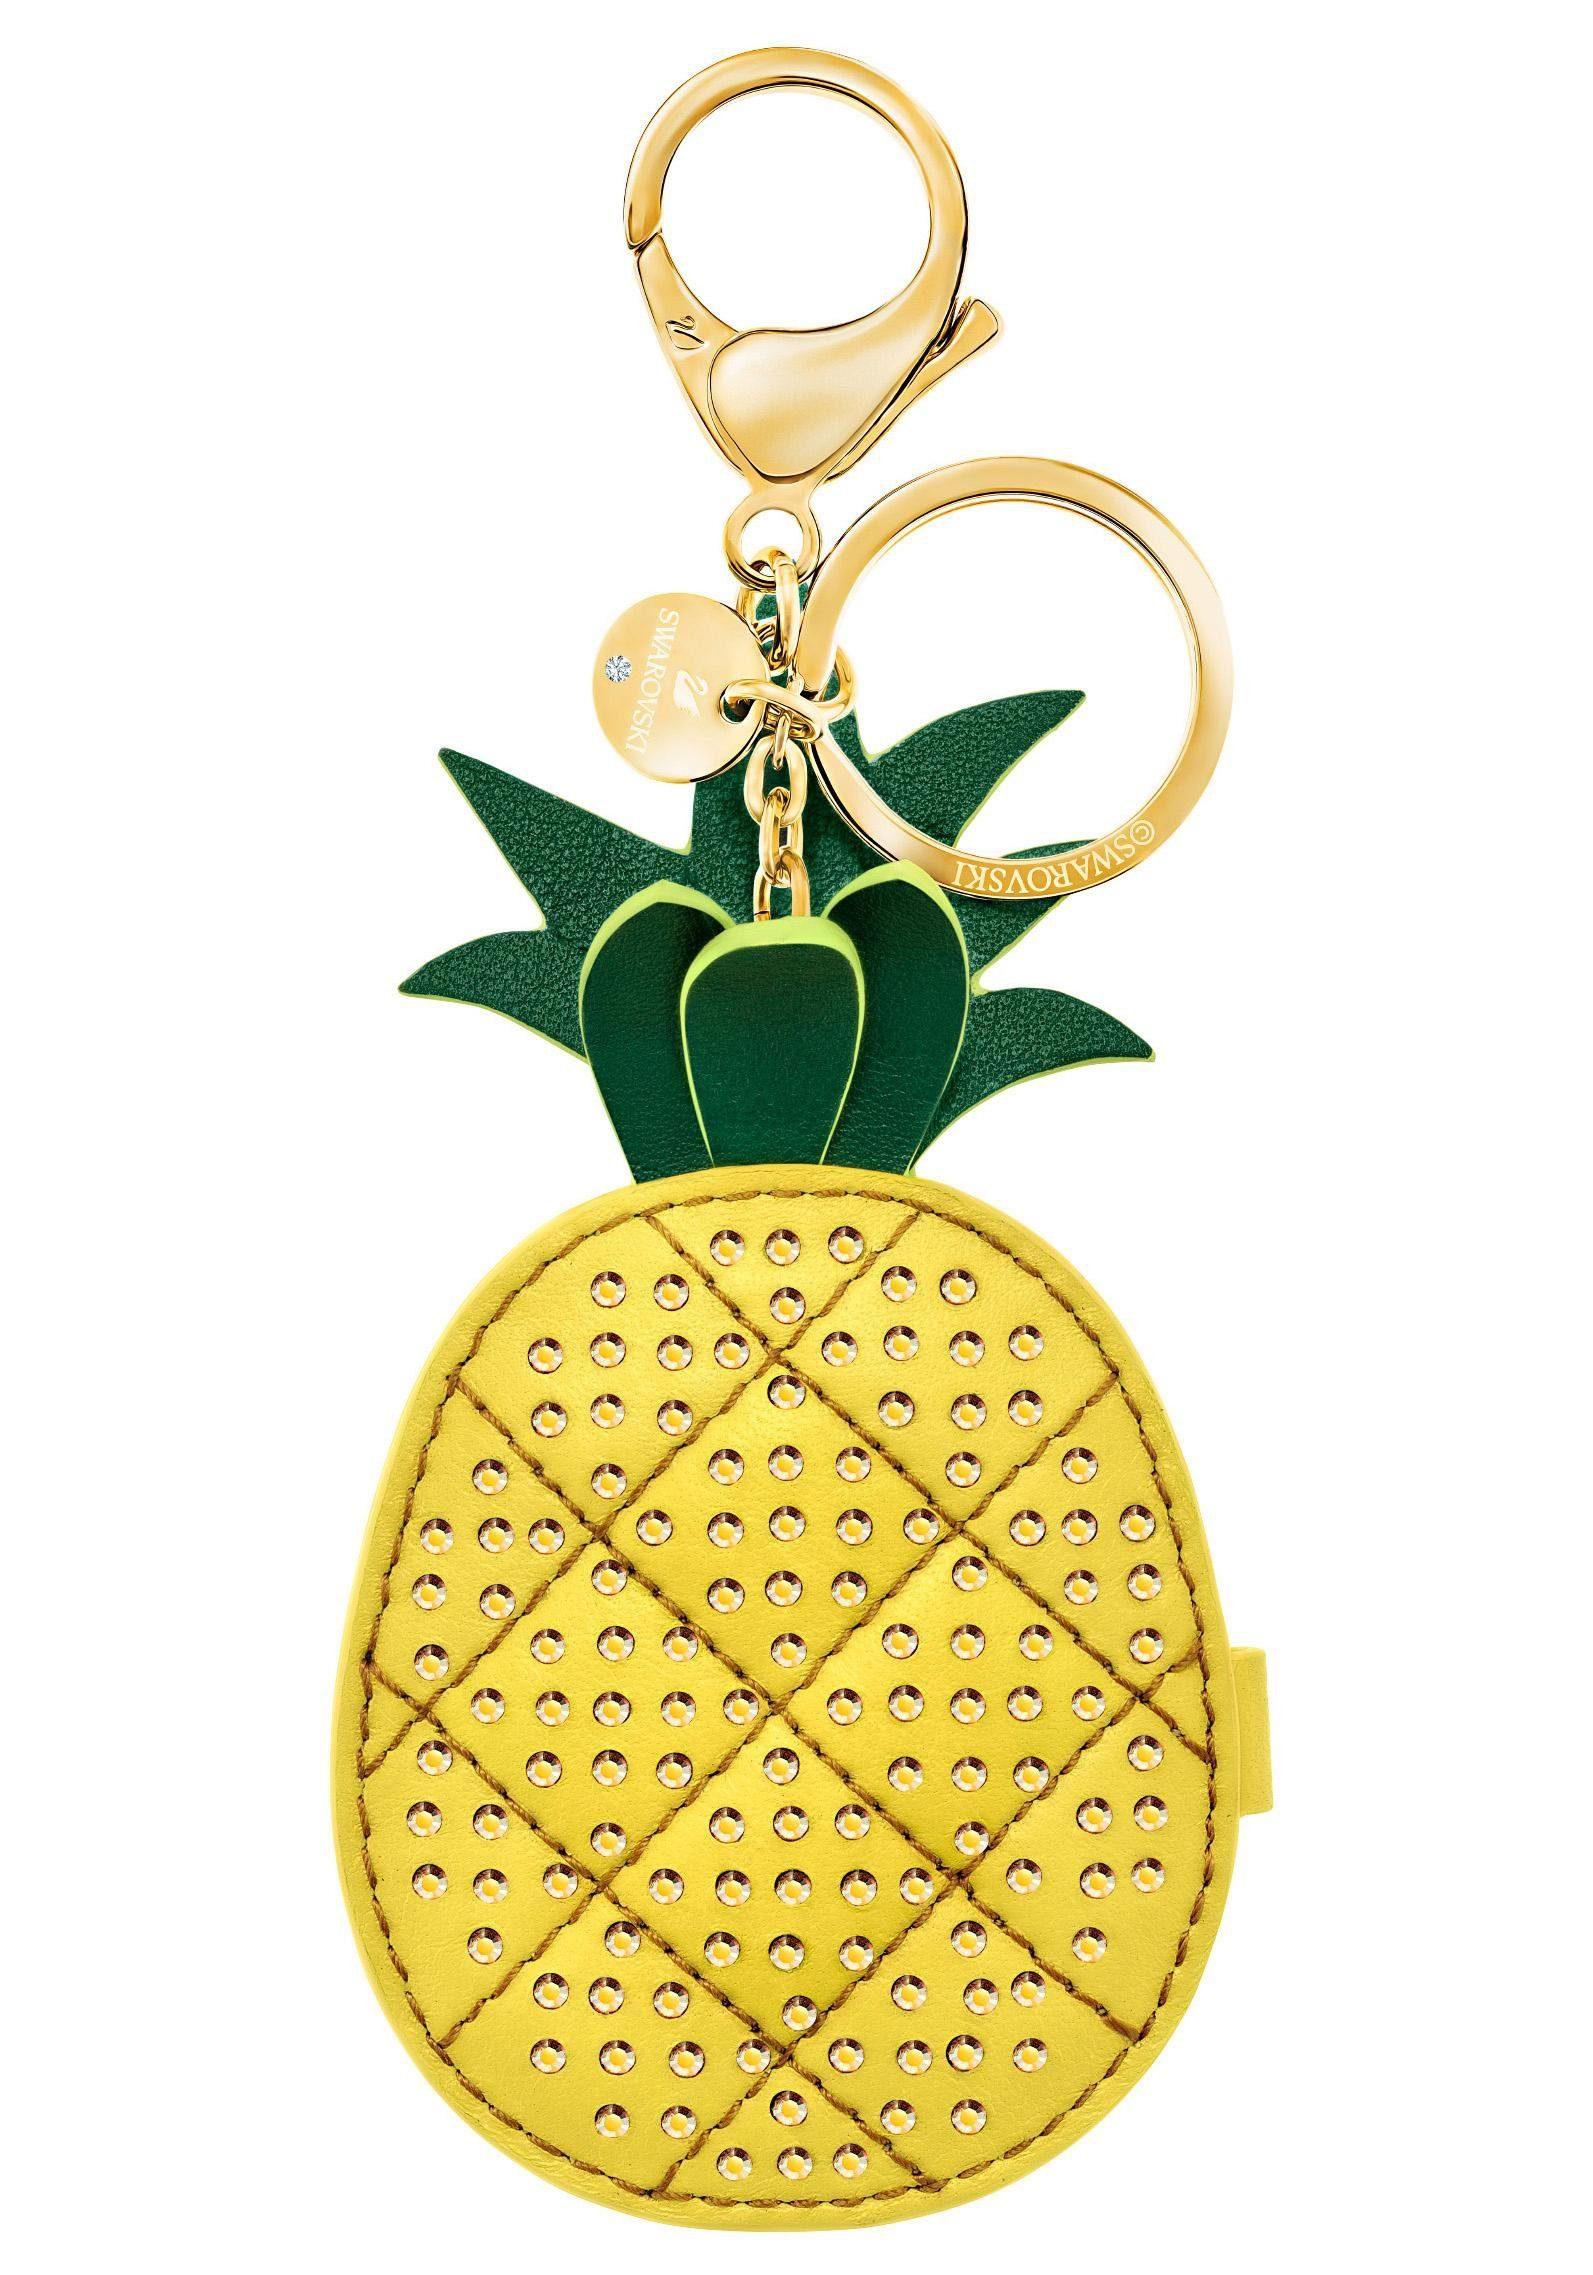 Swarovski Schlüsselanhänger »Ananas, Lime Handtaschen-Charm, gelb, vergoldet, 5380319« mit Swarovski® Kristallen